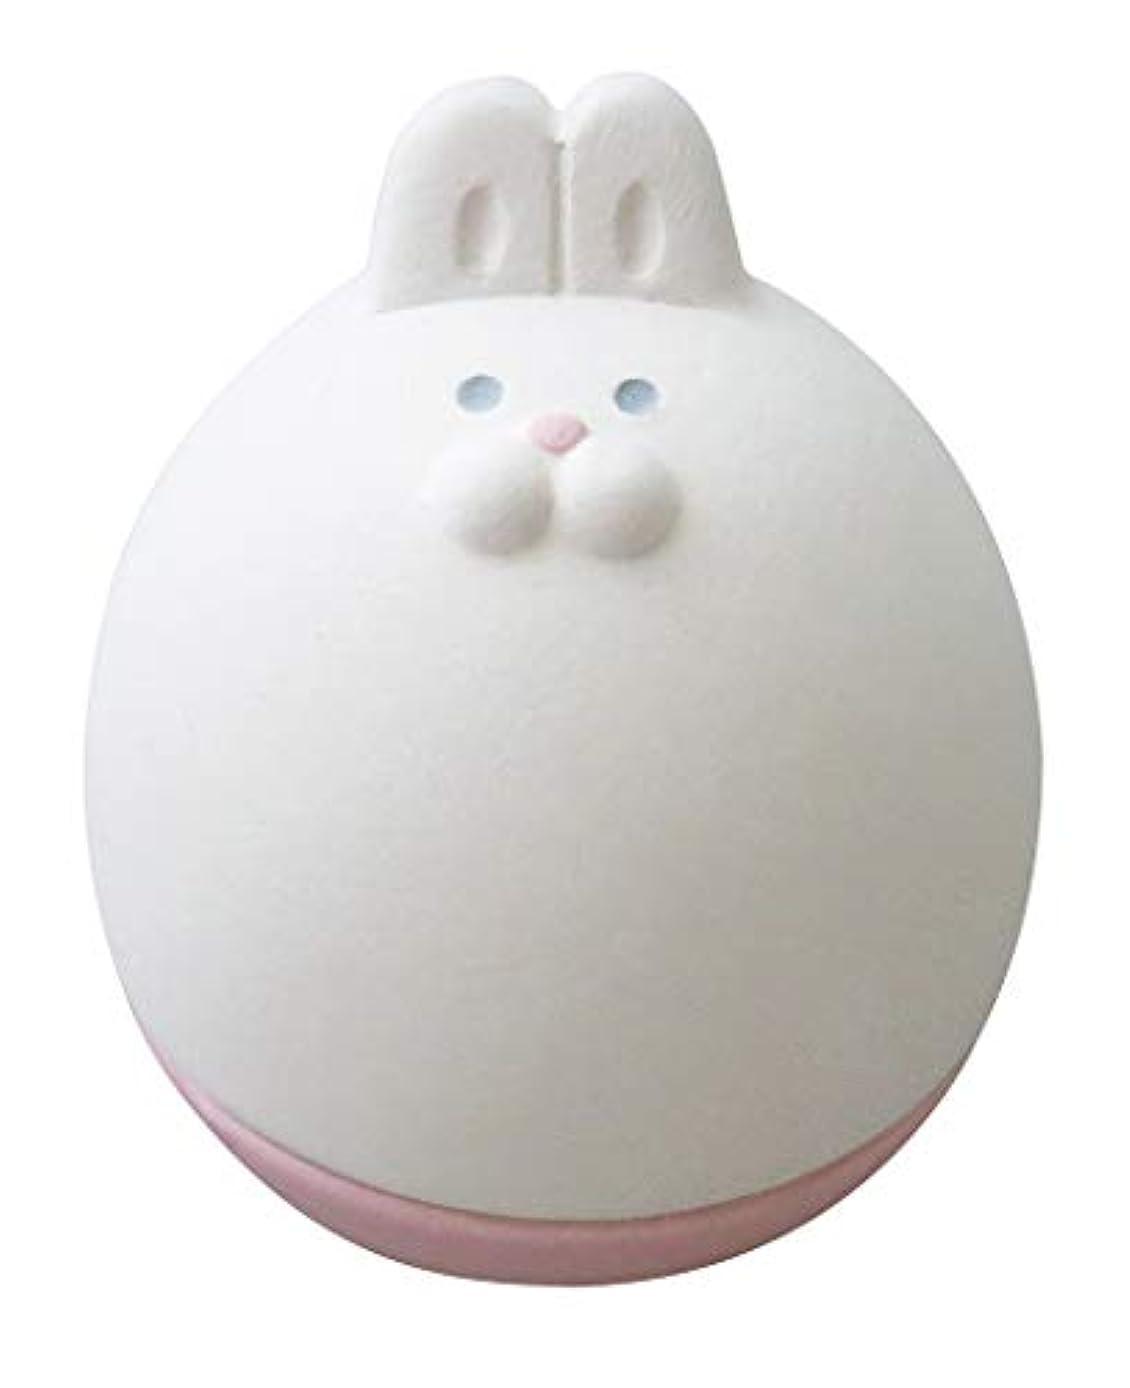 学士コンプリート優勢デコレ(DECOLE) アロマおきあがりこぼし ホワイト 5.0×5.7×h6.3 うさ AG-92303